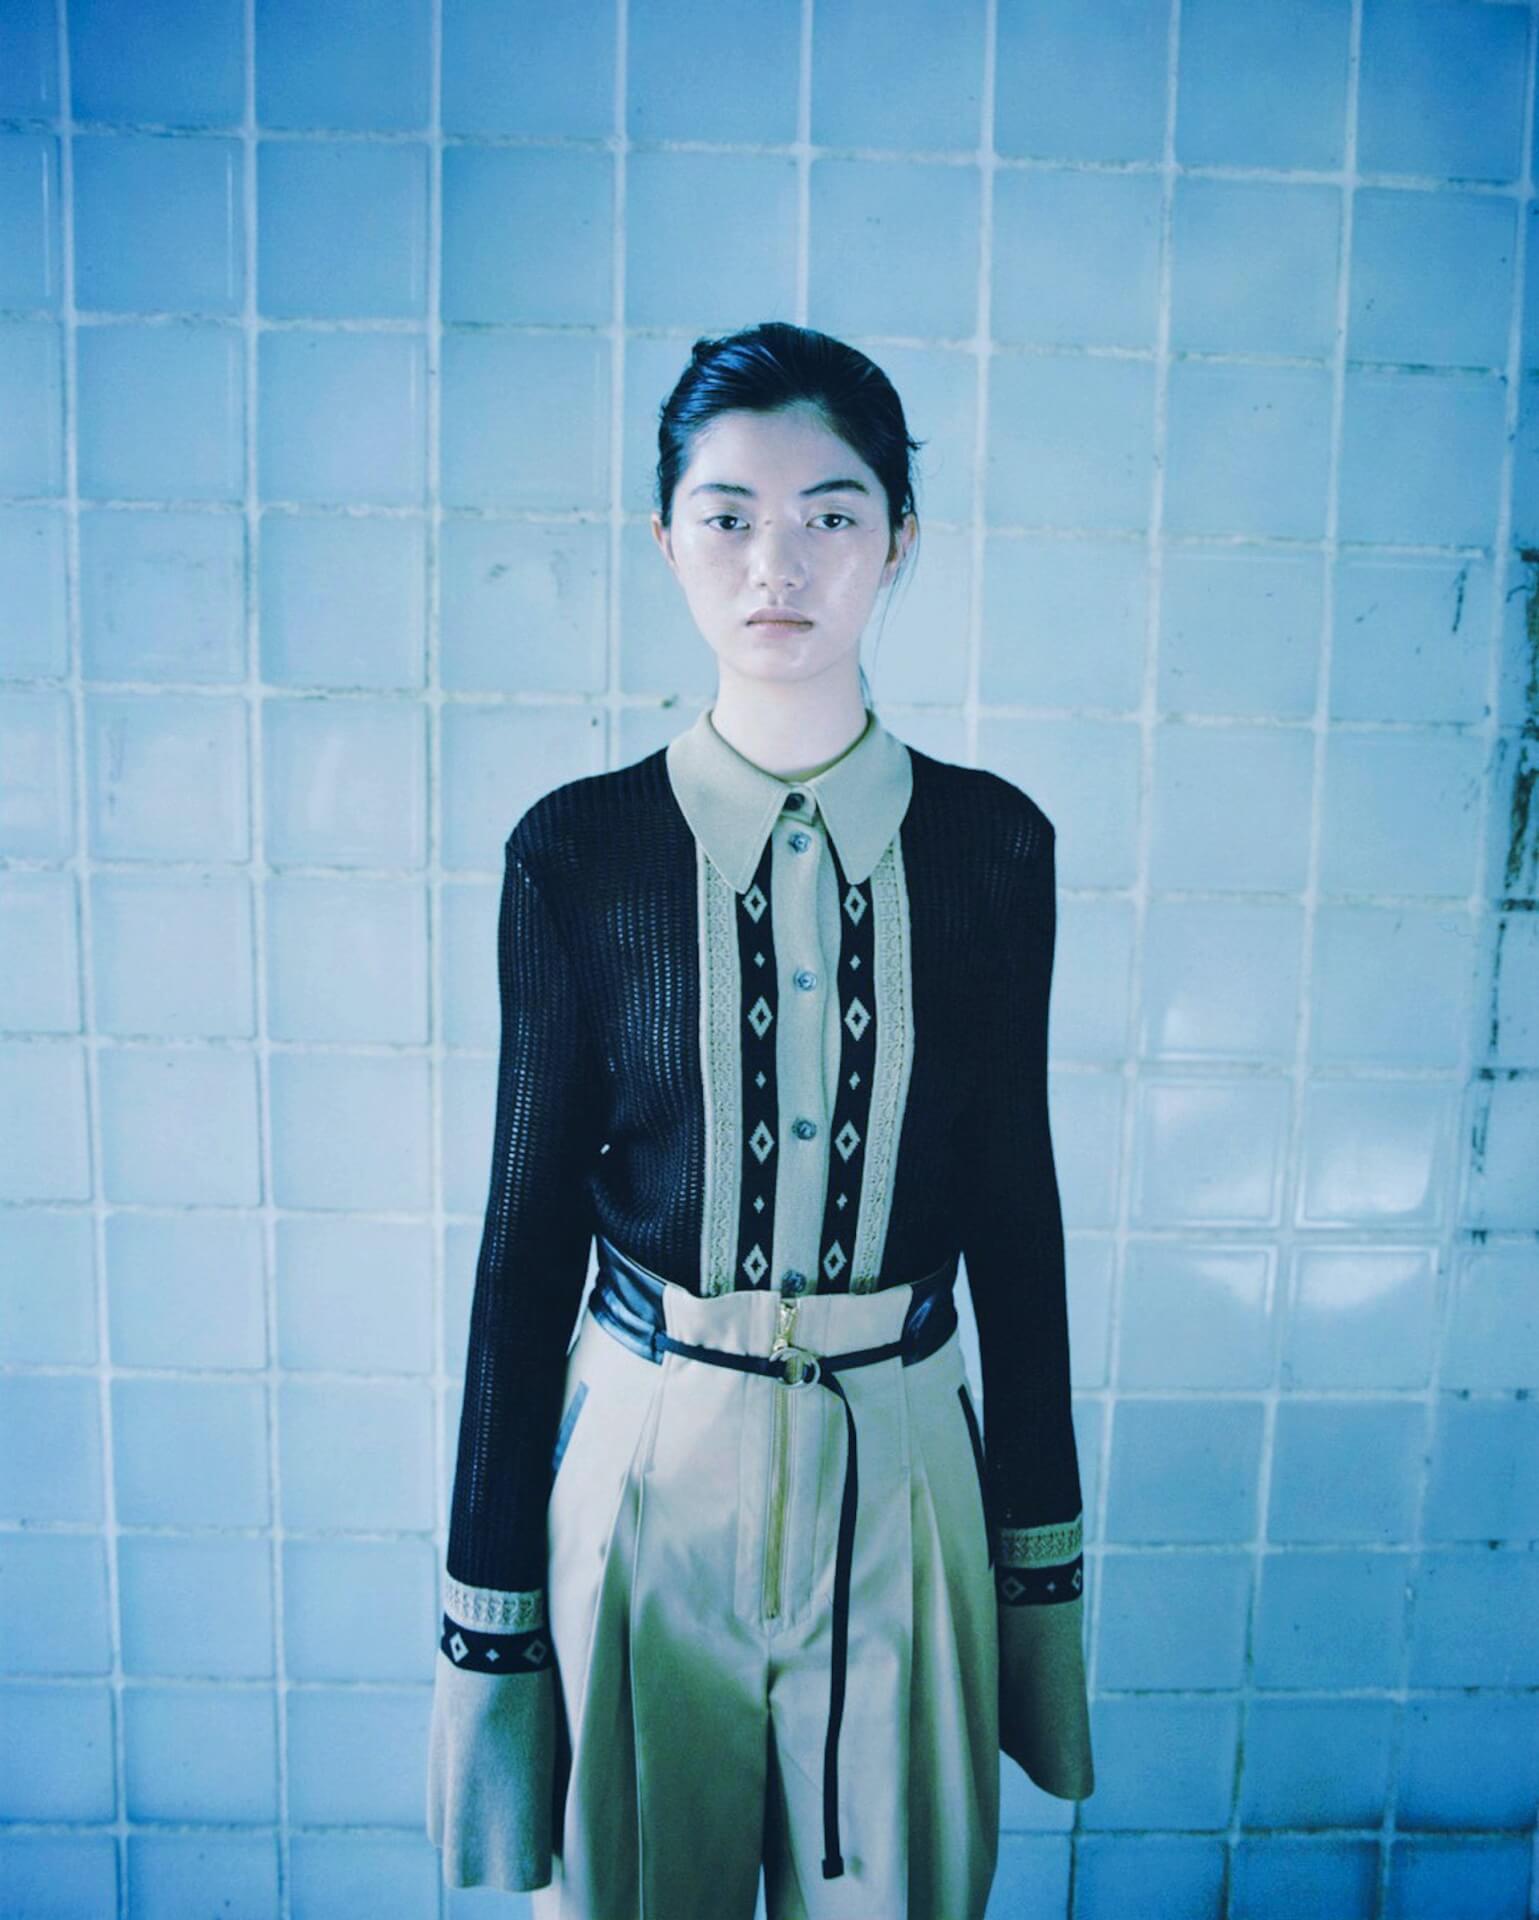 マメ クロゴウチのプロジェクトが伊勢丹で始動!2021年FWシーズンのポップアップイベントを開催 fashion_210721_mamekurogouchi10